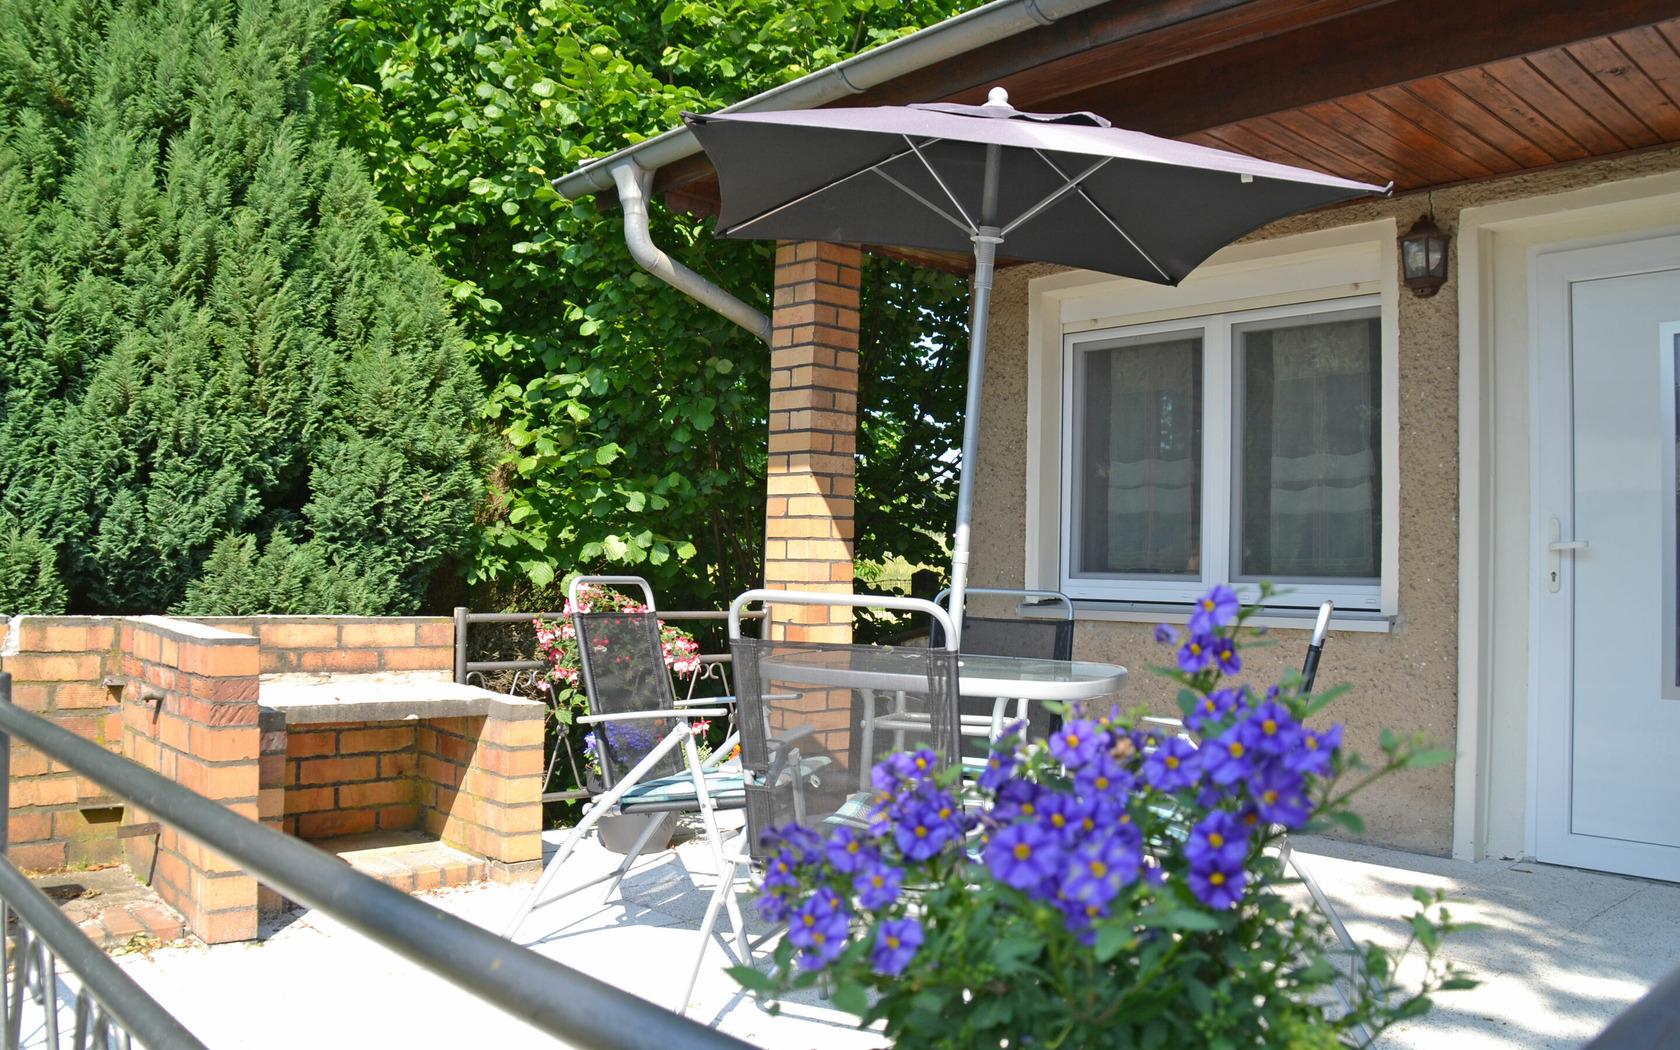 Aussenansicht/ Terrasse Ferienhaus Gartenidyll, Foto: MuT Guben